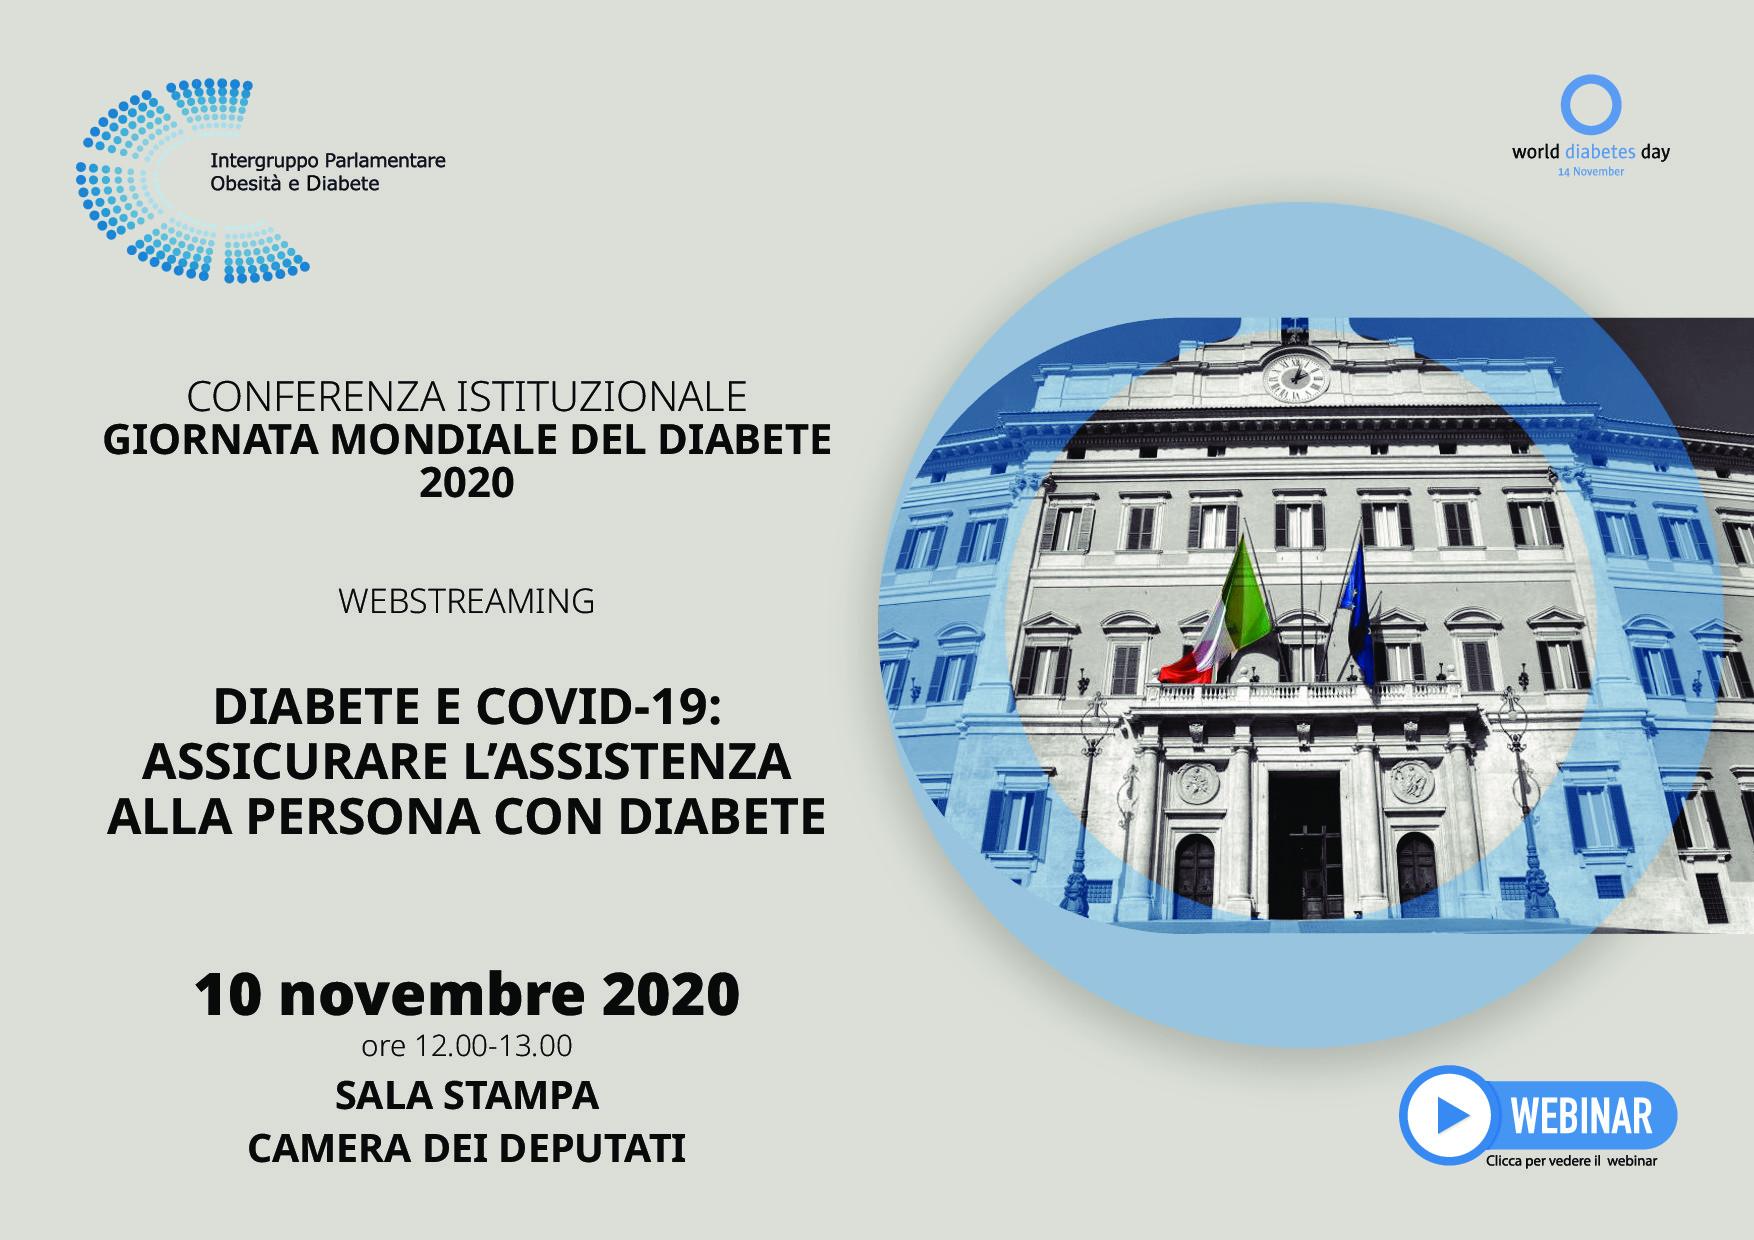 Intergruppo Parlamentare Obesità e Diabete : Conferenza Istituzionale GMD 2020